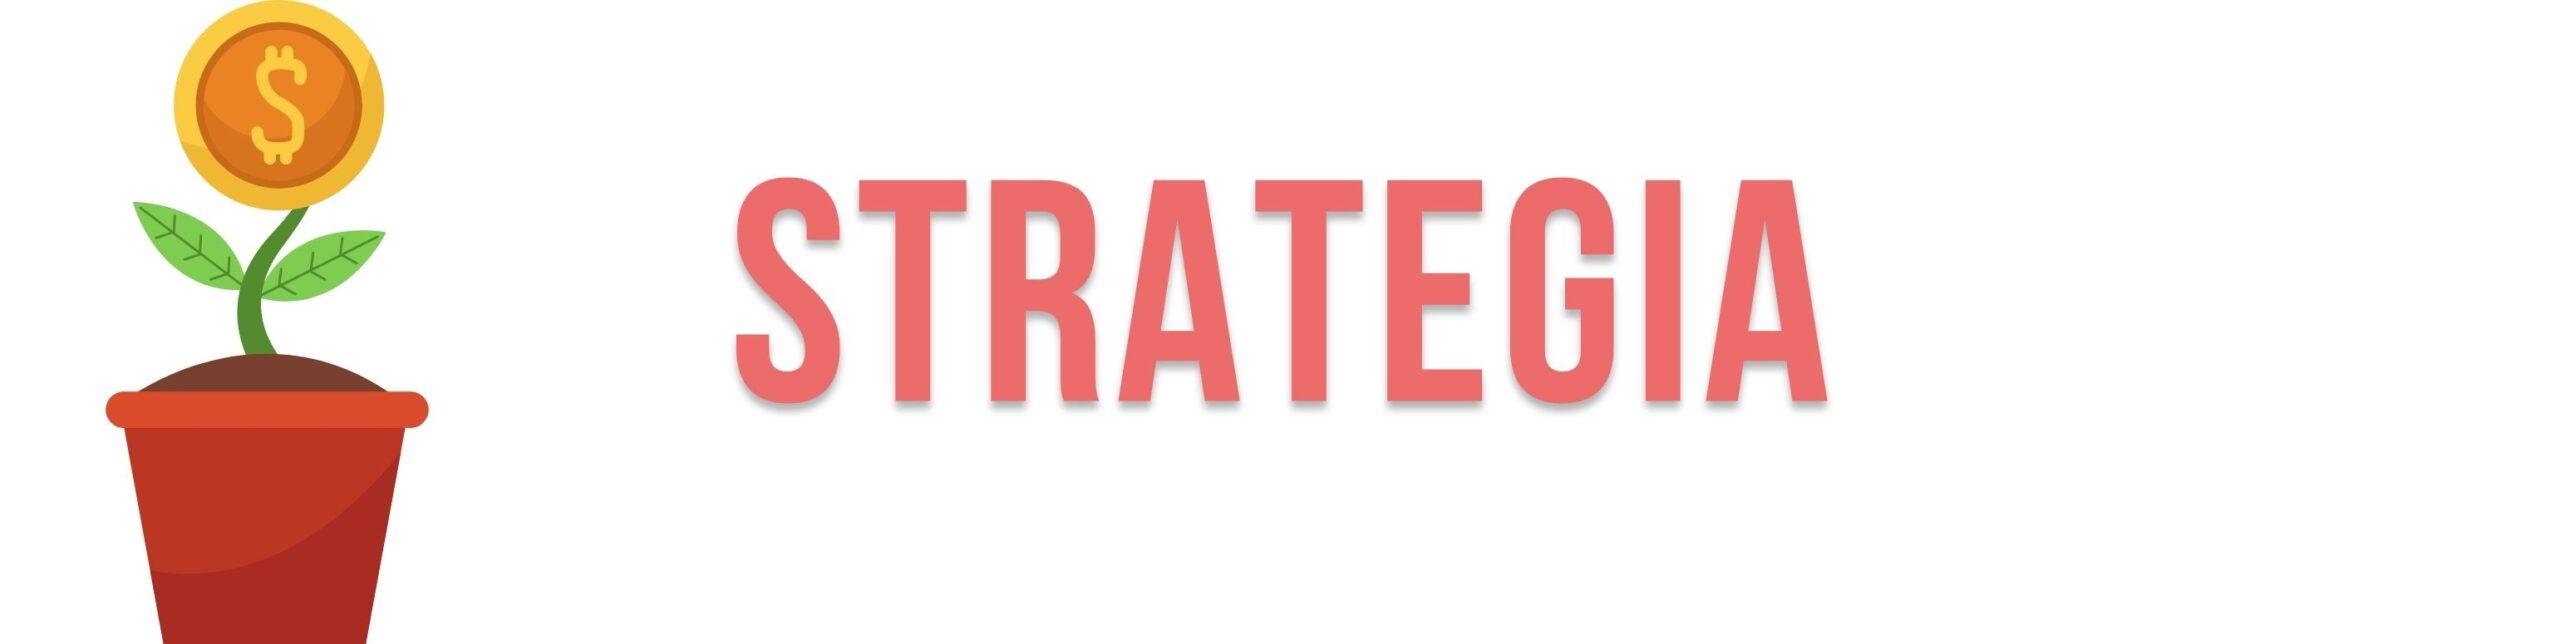 Strategia długoterminowa, a spadki na rynku